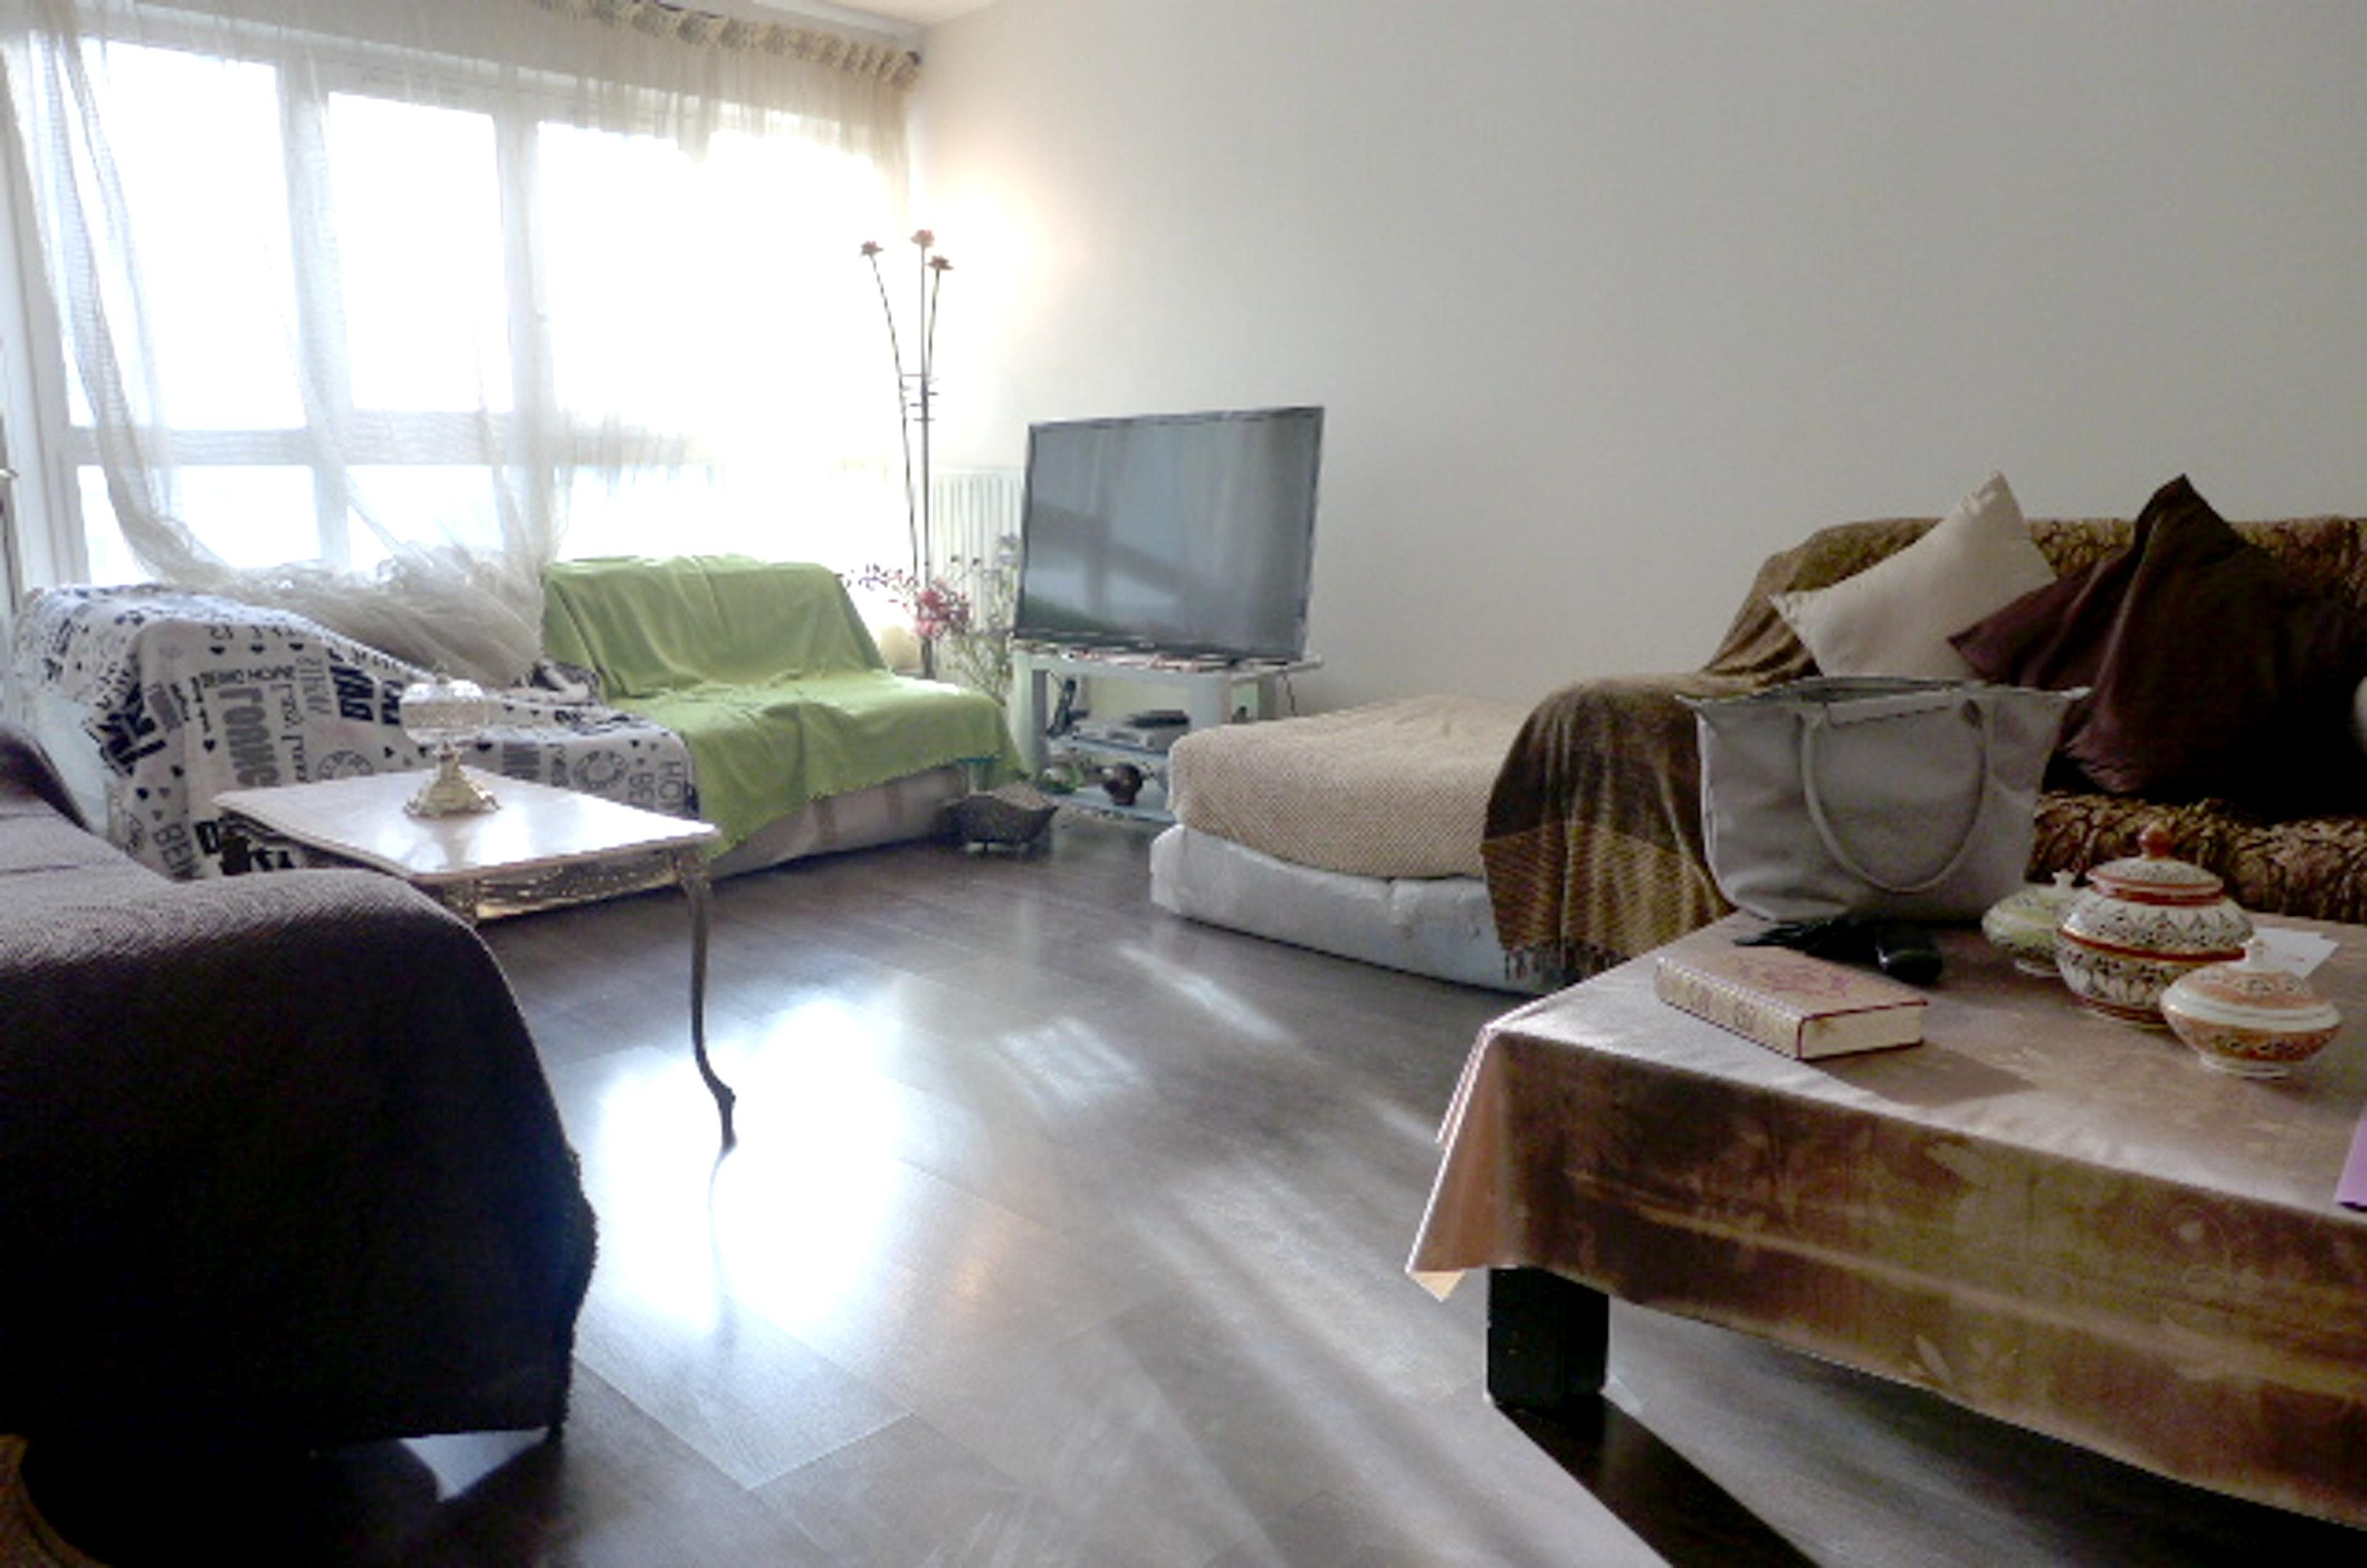 Wohnung mit 2 Schlafzimmern in Courbevoie mit m&ou